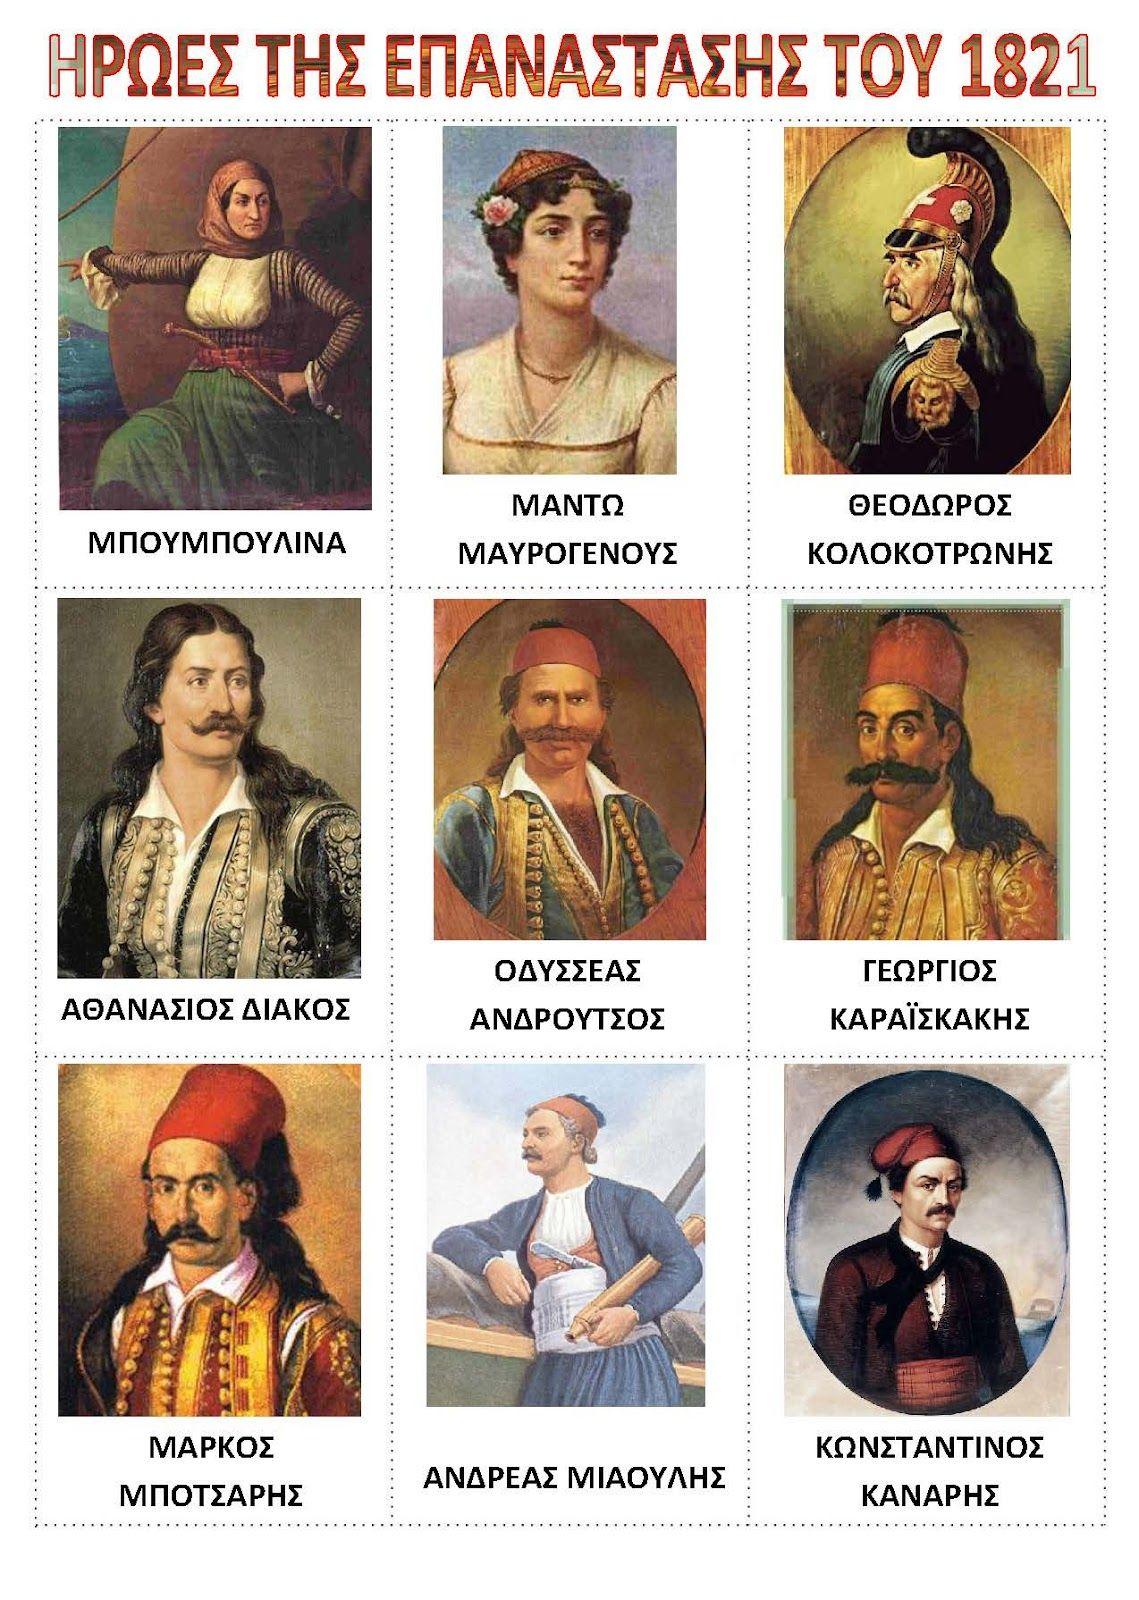 Αποτέλεσμα εικόνας για 25 μαρτιου ηρωες